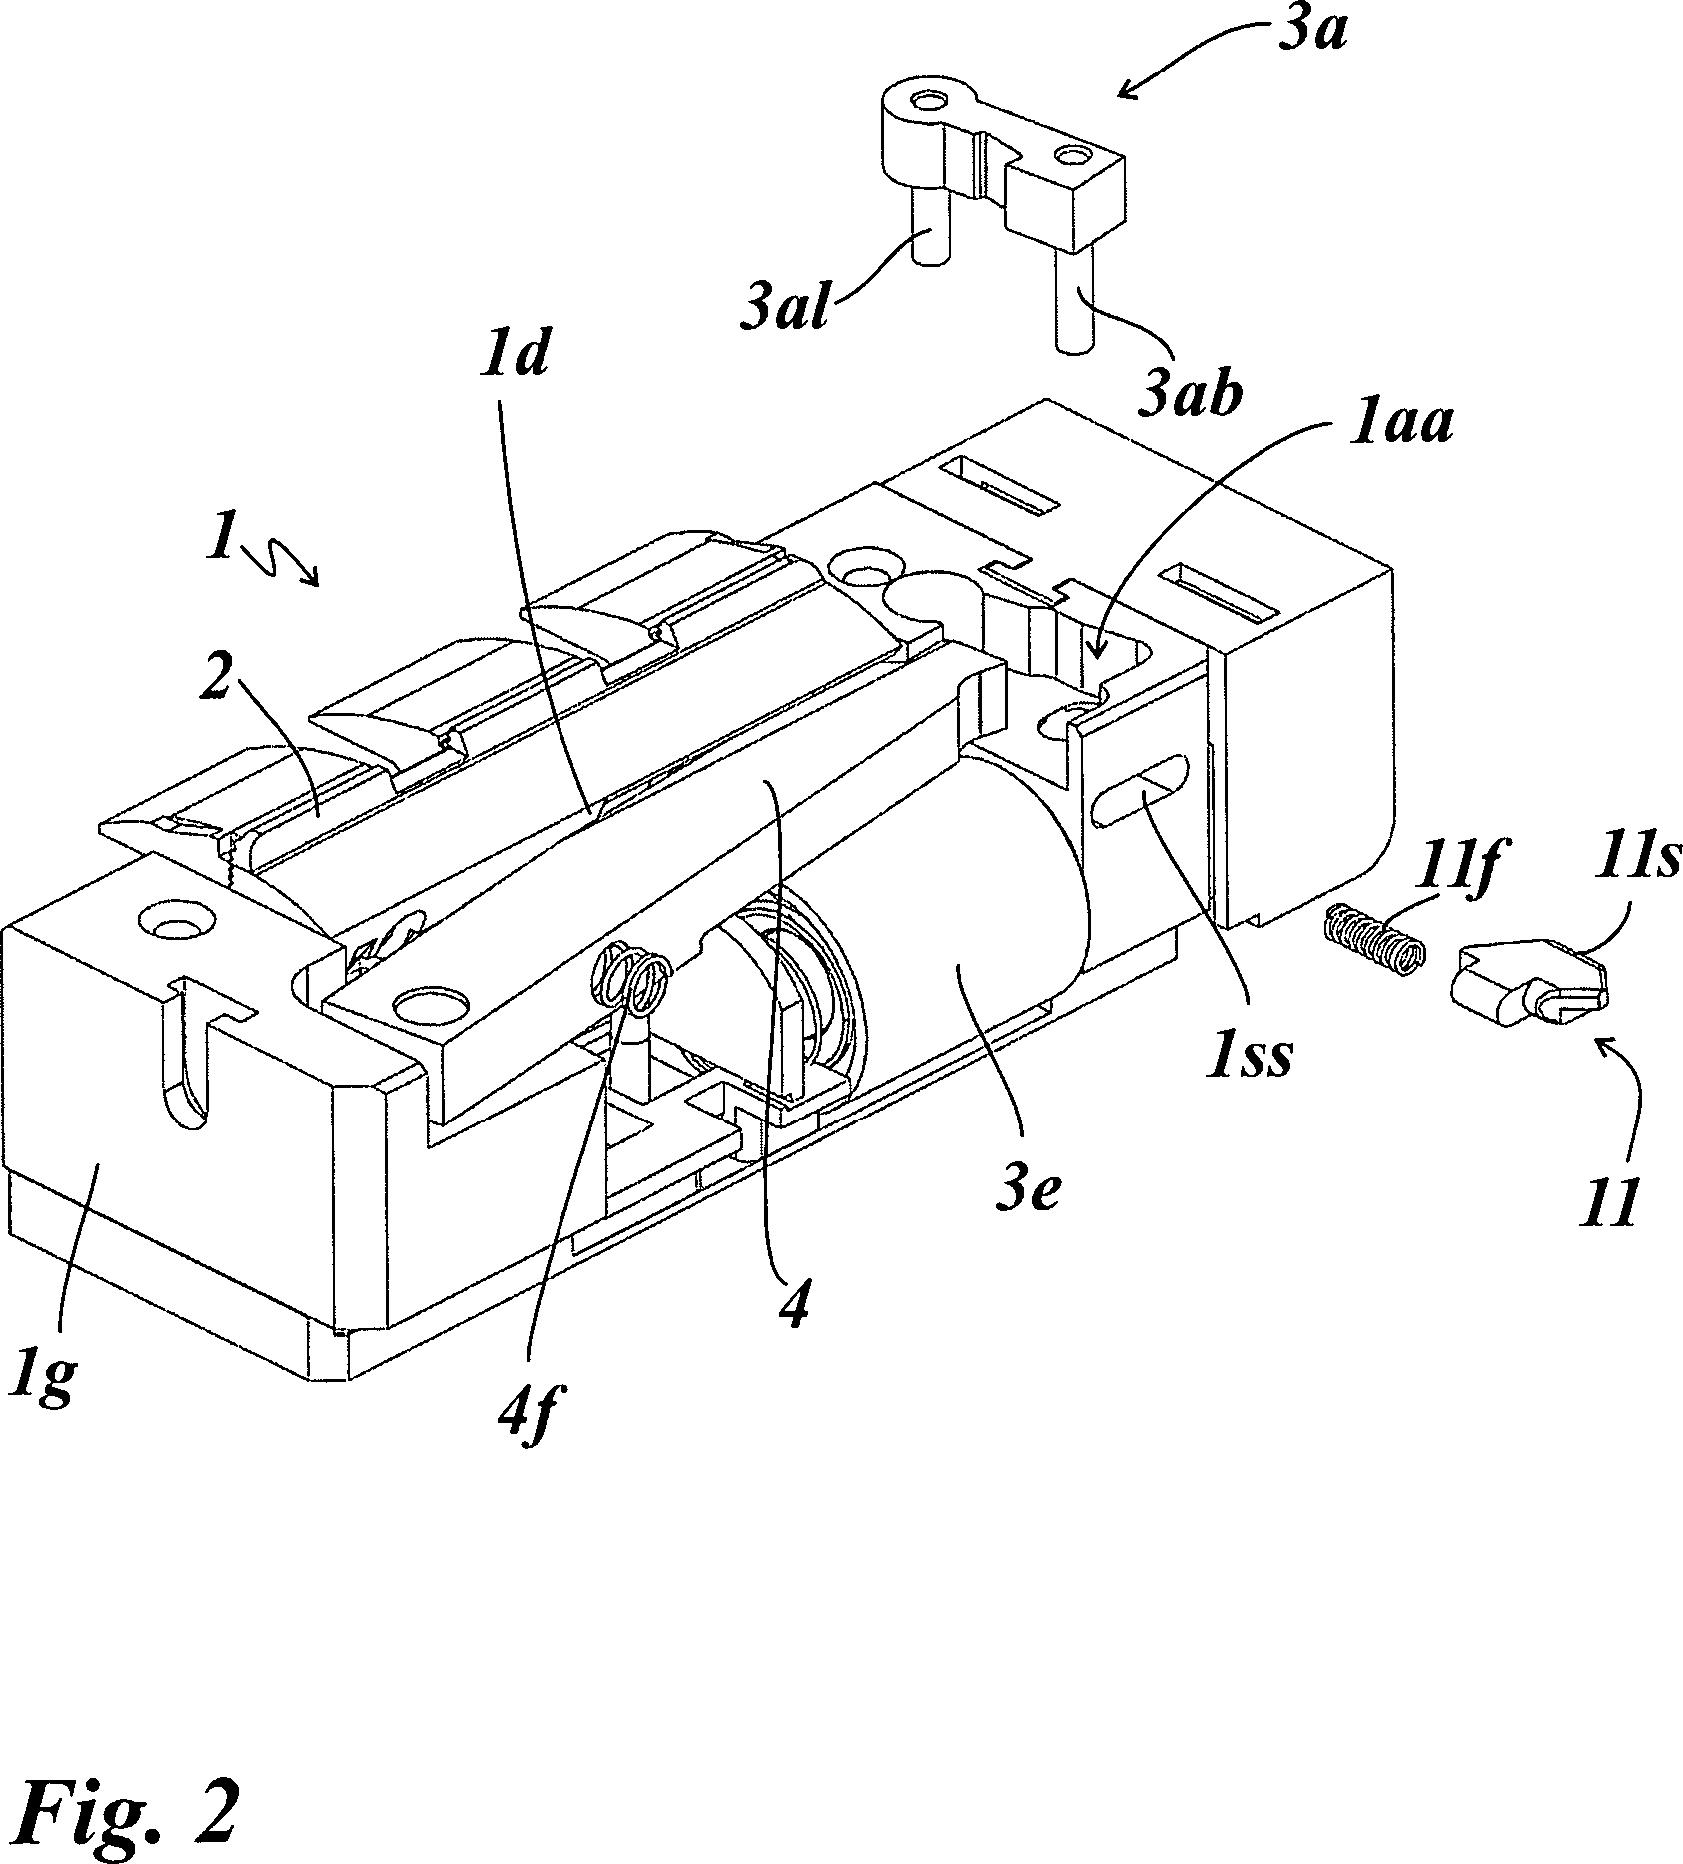 patent de102013012203a1 elektrischer t r ffner sowie ein passivfl gelschloss mit einem solchen. Black Bedroom Furniture Sets. Home Design Ideas